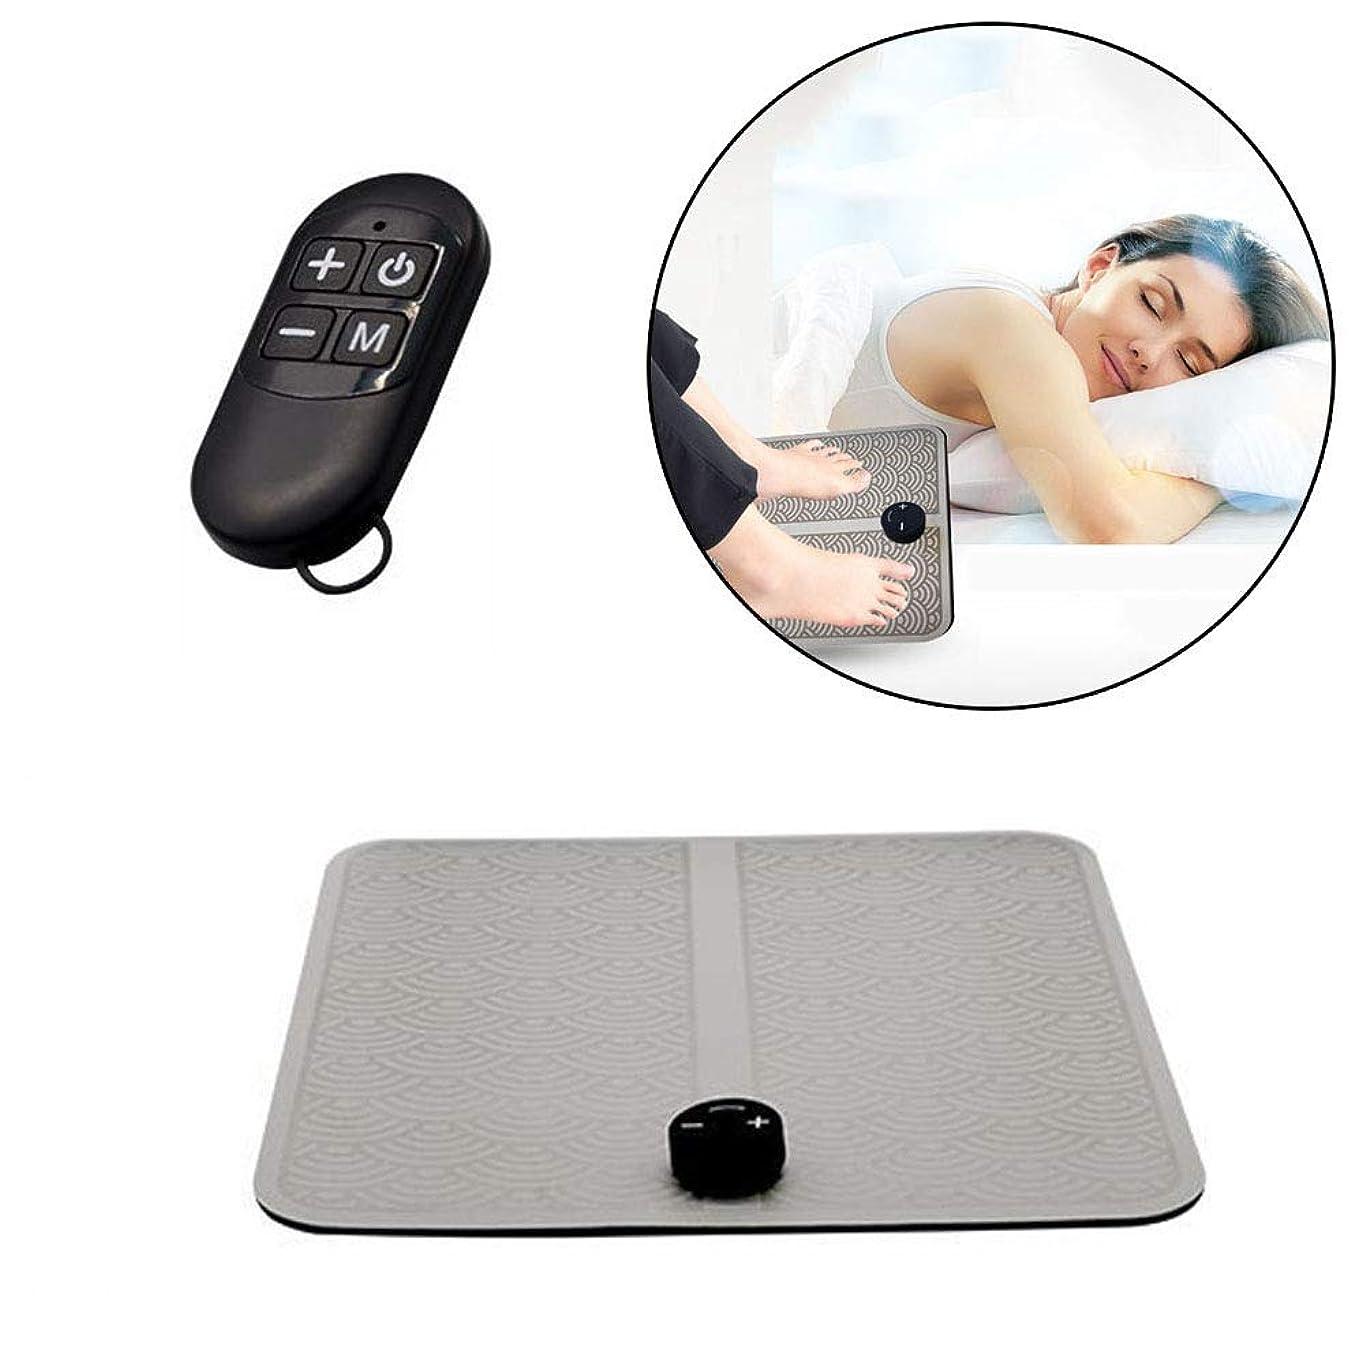 広々神話USBフットマッサージャー(EMS)電磁的に充電可能な筋肉刺激による痛みの緩和、ワイヤレス血液循環の改善、足の疲労の緩和